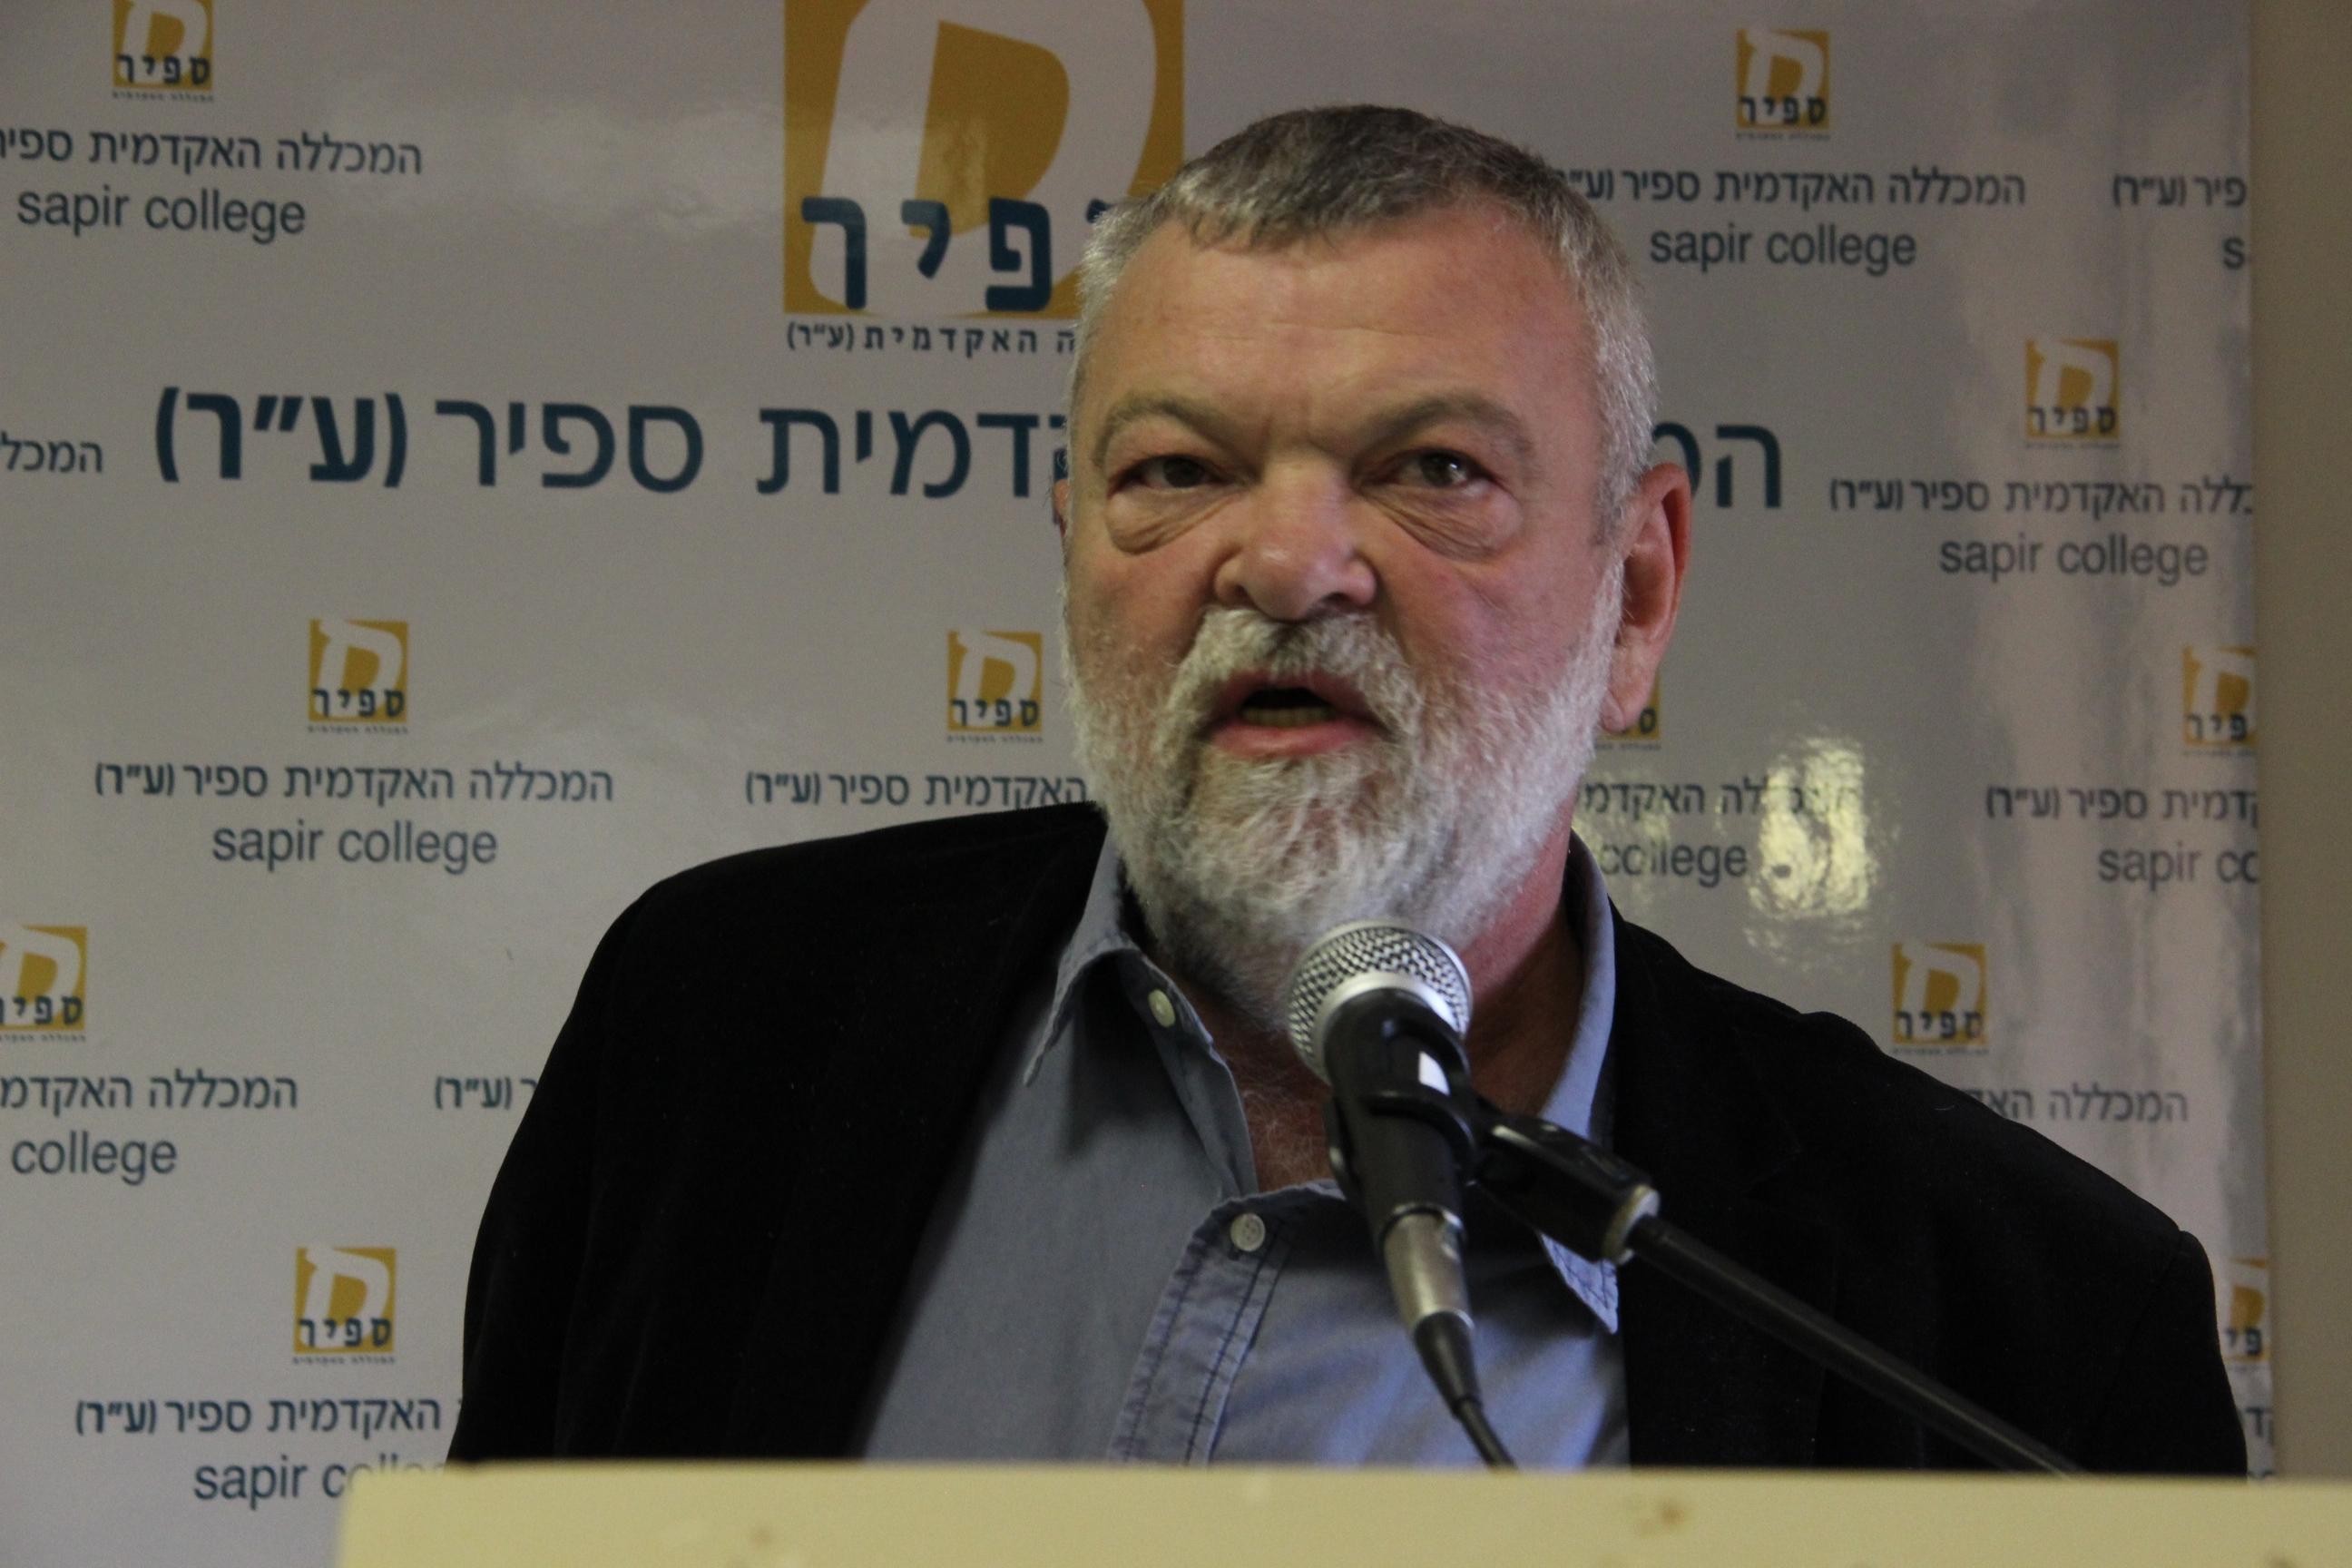 קרבות ההנהגה ב'מרצ': הועידה תכריע אם להחליף את גלאון